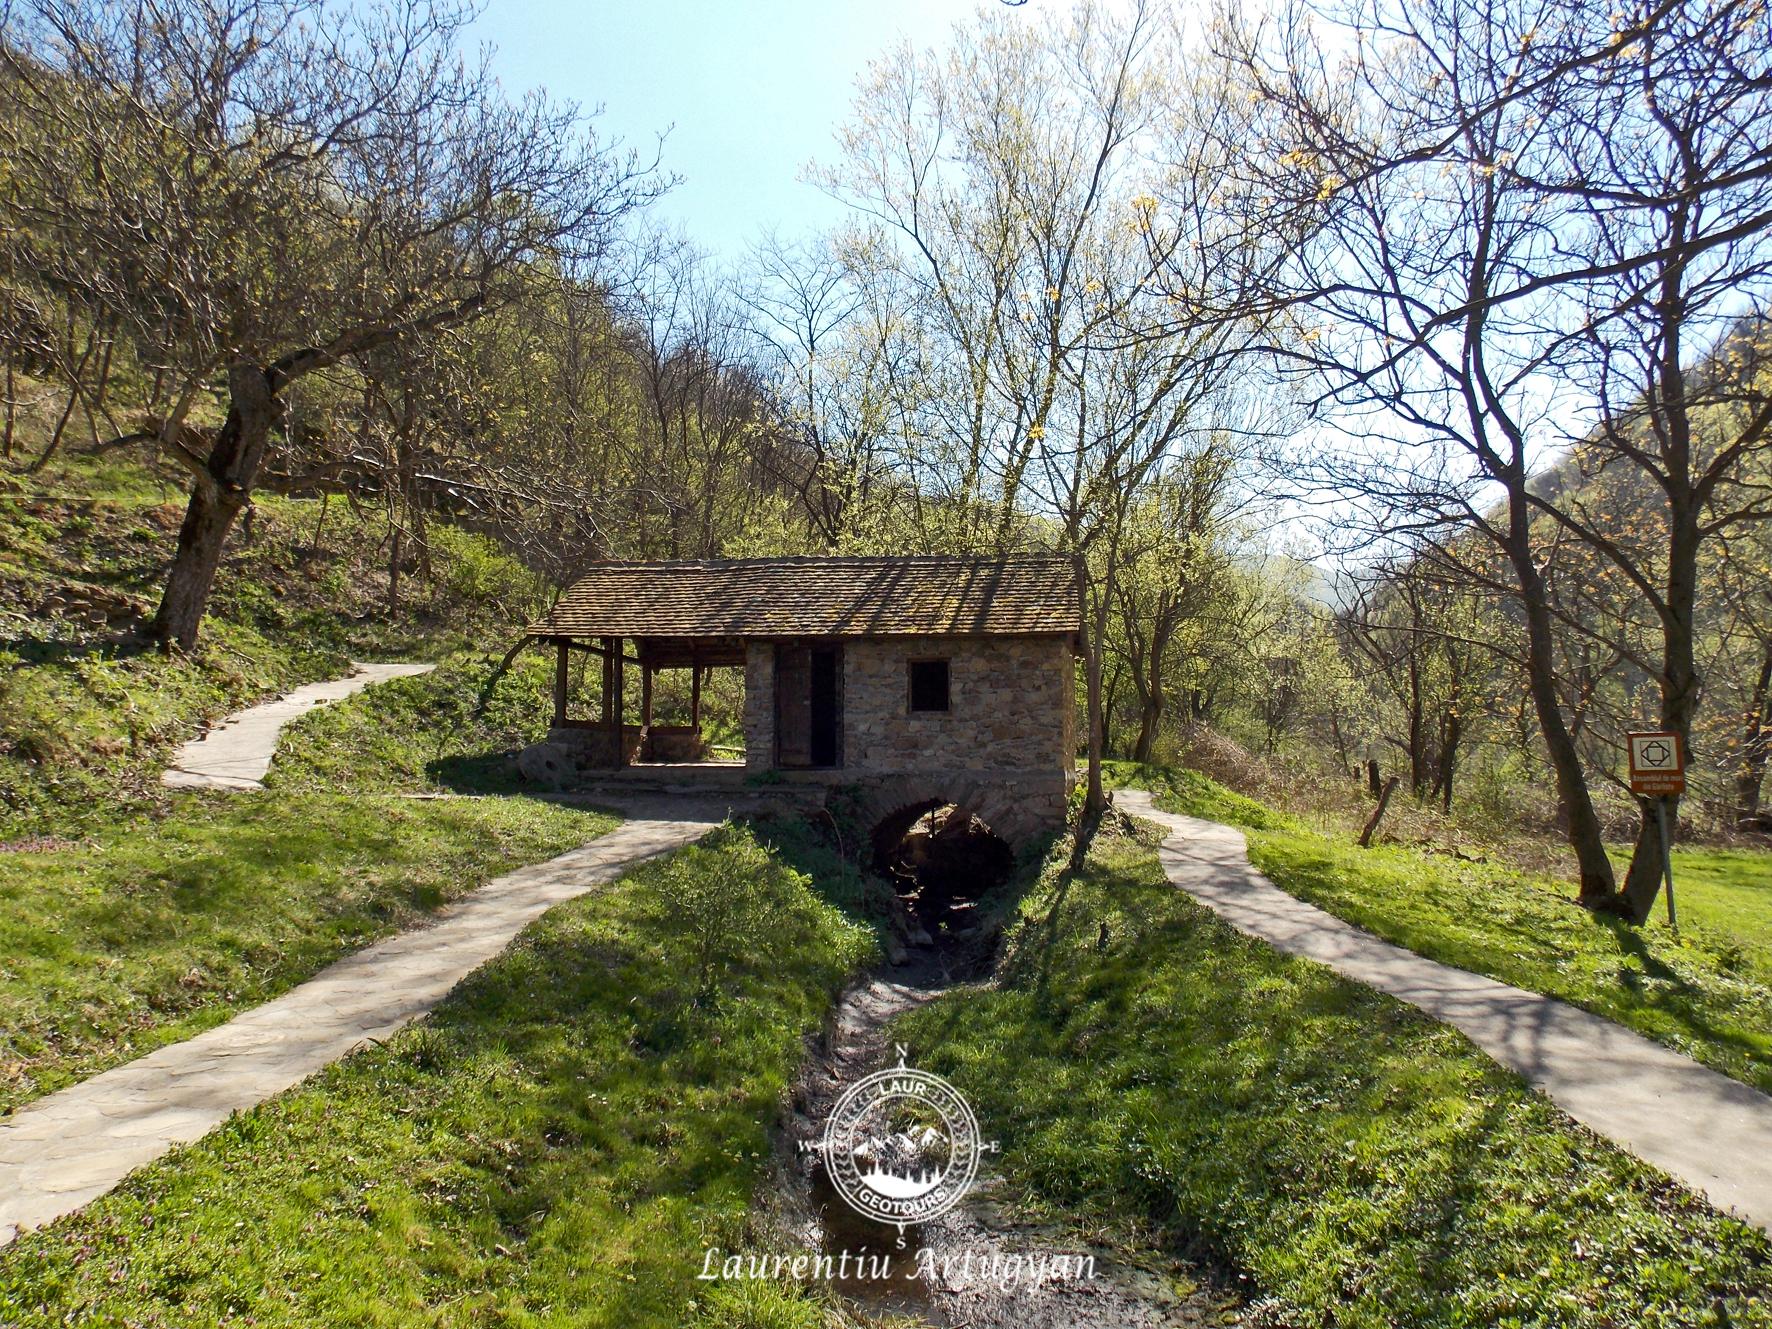 Moara de apa in satul Garliste